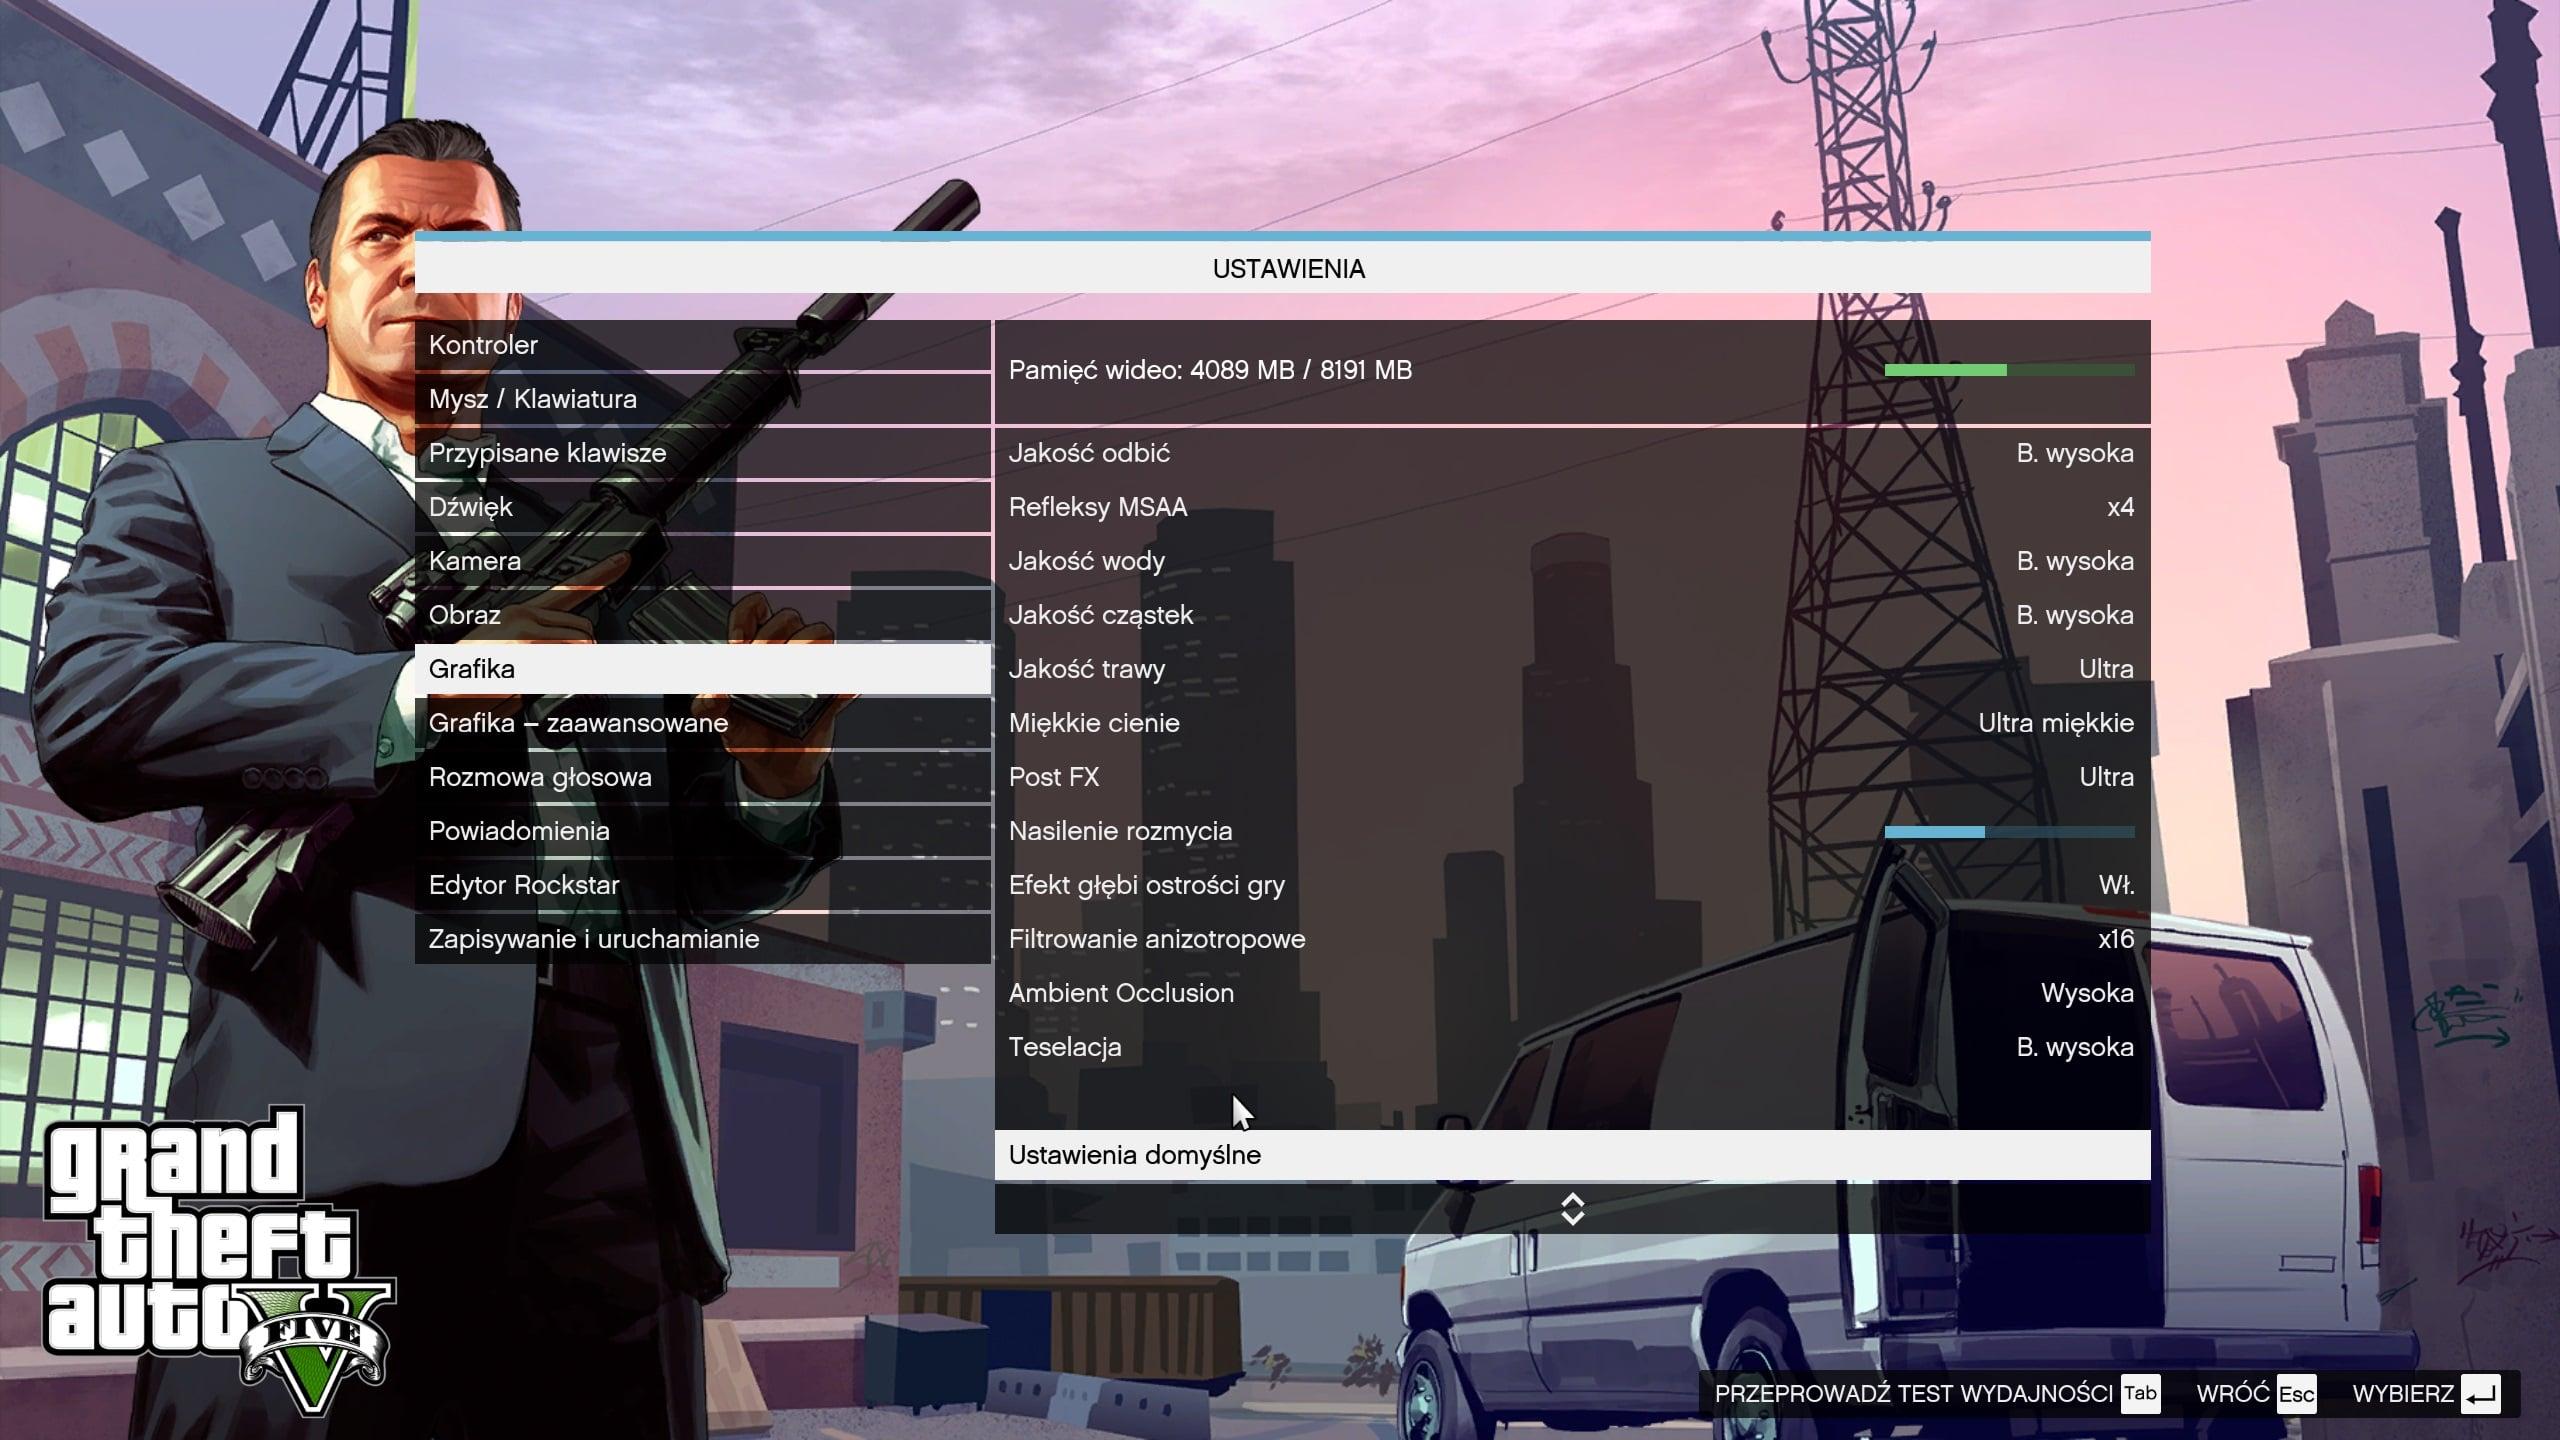 Testujemy cooler dla CPU - Cooler Master Hyper 212 RGB Phantom Gaming Edition. Warto? 37